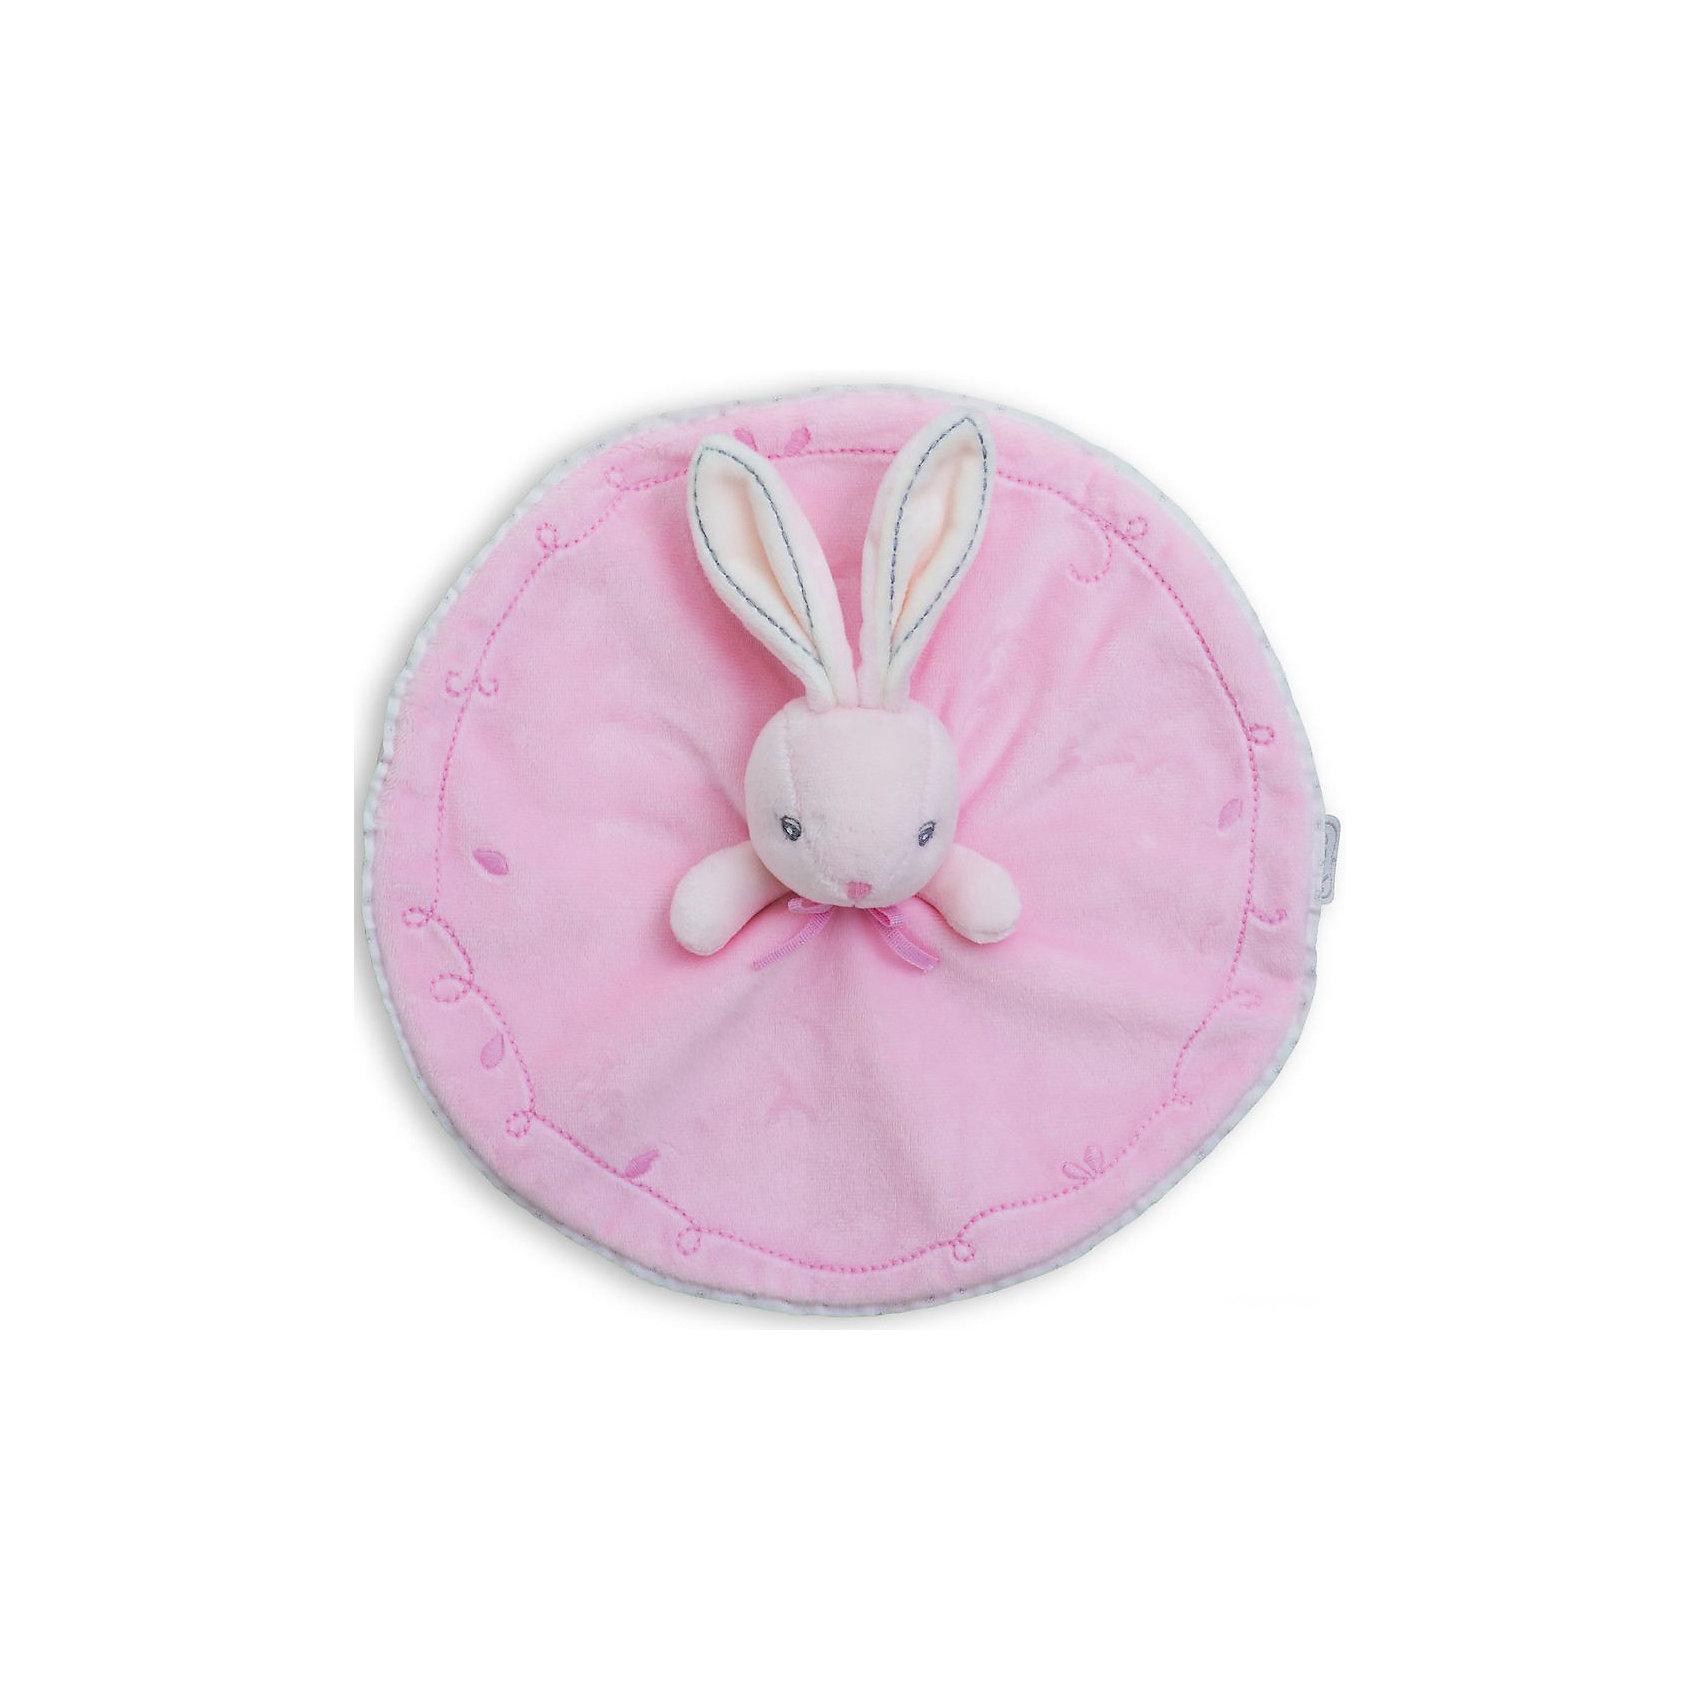 Заяц комфортер круглый розовый, коллекция Жемчуг, KalooЗайцы и кролики<br>Маленькая Зайка Kaloo - нежная и приятная на ощупь игрушка, которую так и хочется взять на ручки, она станет прекрасным другом малышу и подарит уют во время сновидений. <br>Платье зайки выполнено в нежно розовом свете и украшено вышивкой по периметру.<br><br>Дополнительная информация:<br><br>-Материал: ткань, искусственный мех<br>-Диаметр игрушки: 20 см<br>-Вес: 0.3 кг<br>-Размер упаковки: диаметр 18.5 см<br><br>Круглого розового зайца комфортер, коллекции Жемчуг, Kaloo можно купить в нашем интернет-магазине.<br><br>Ширина мм: 208<br>Глубина мм: 18<br>Высота мм: 280<br>Вес г: 400<br>Возраст от месяцев: 0<br>Возраст до месяцев: 1188<br>Пол: Унисекс<br>Возраст: Детский<br>SKU: 4862338